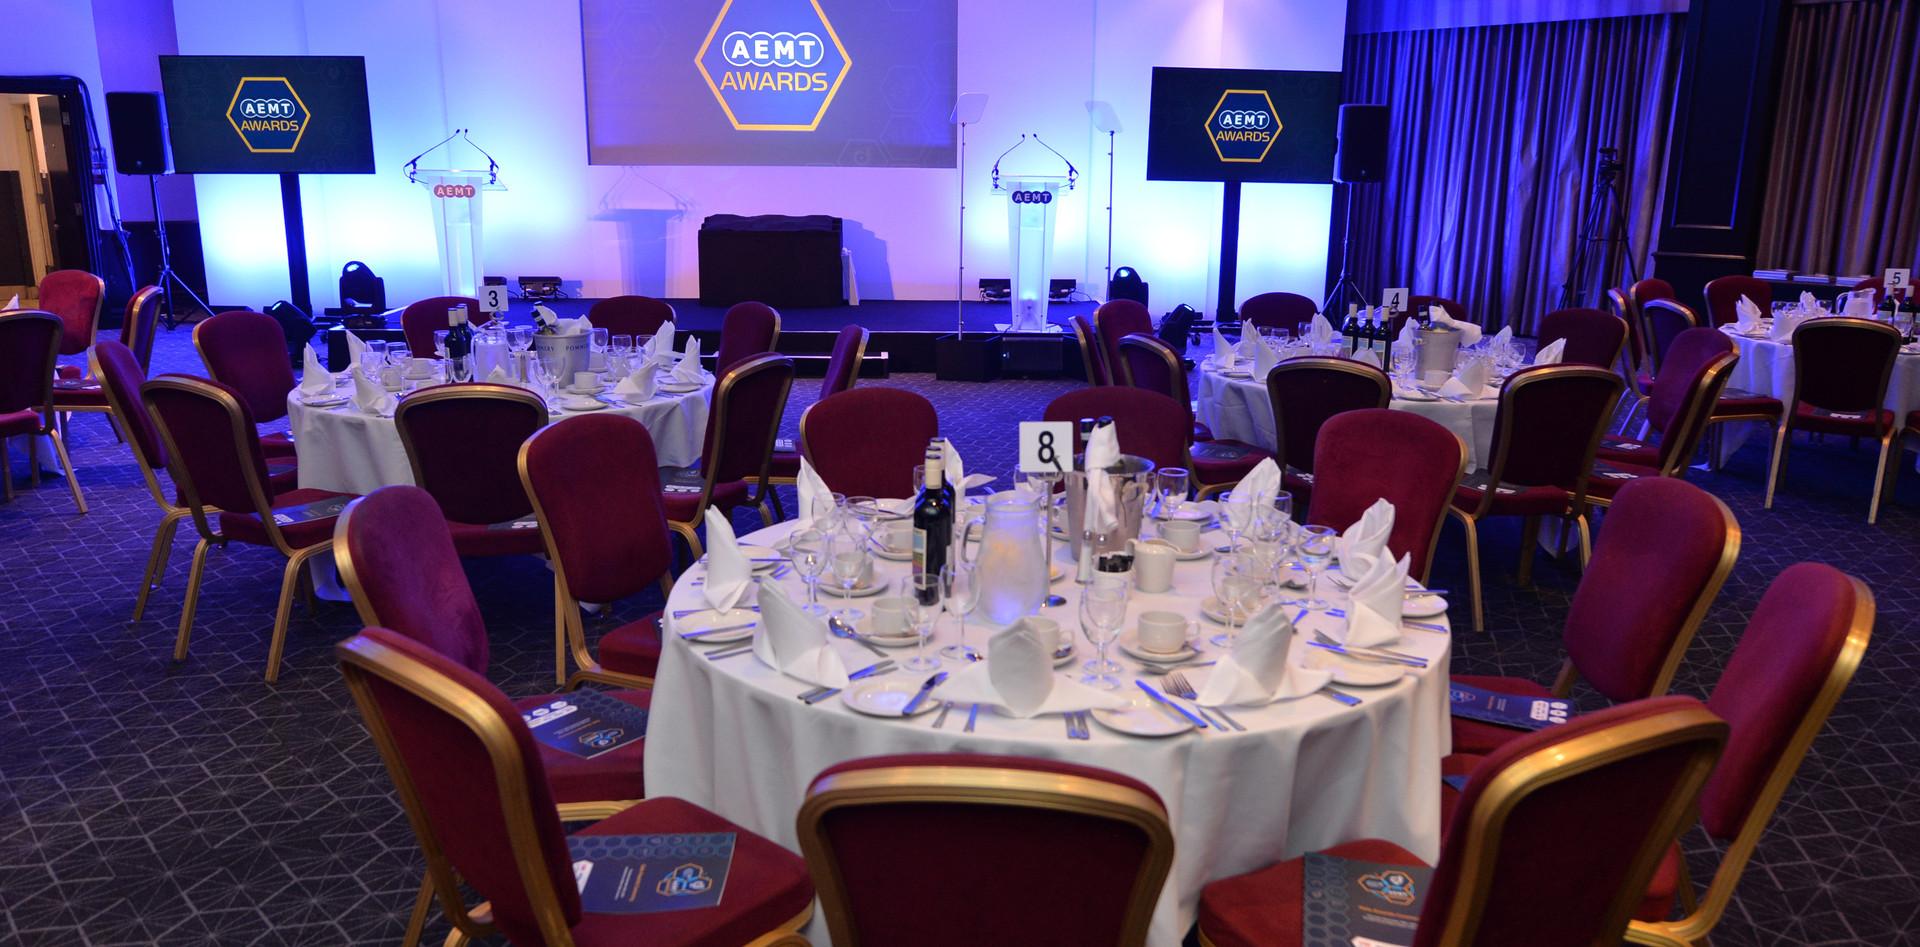 AEMT_Awards-066.jpg